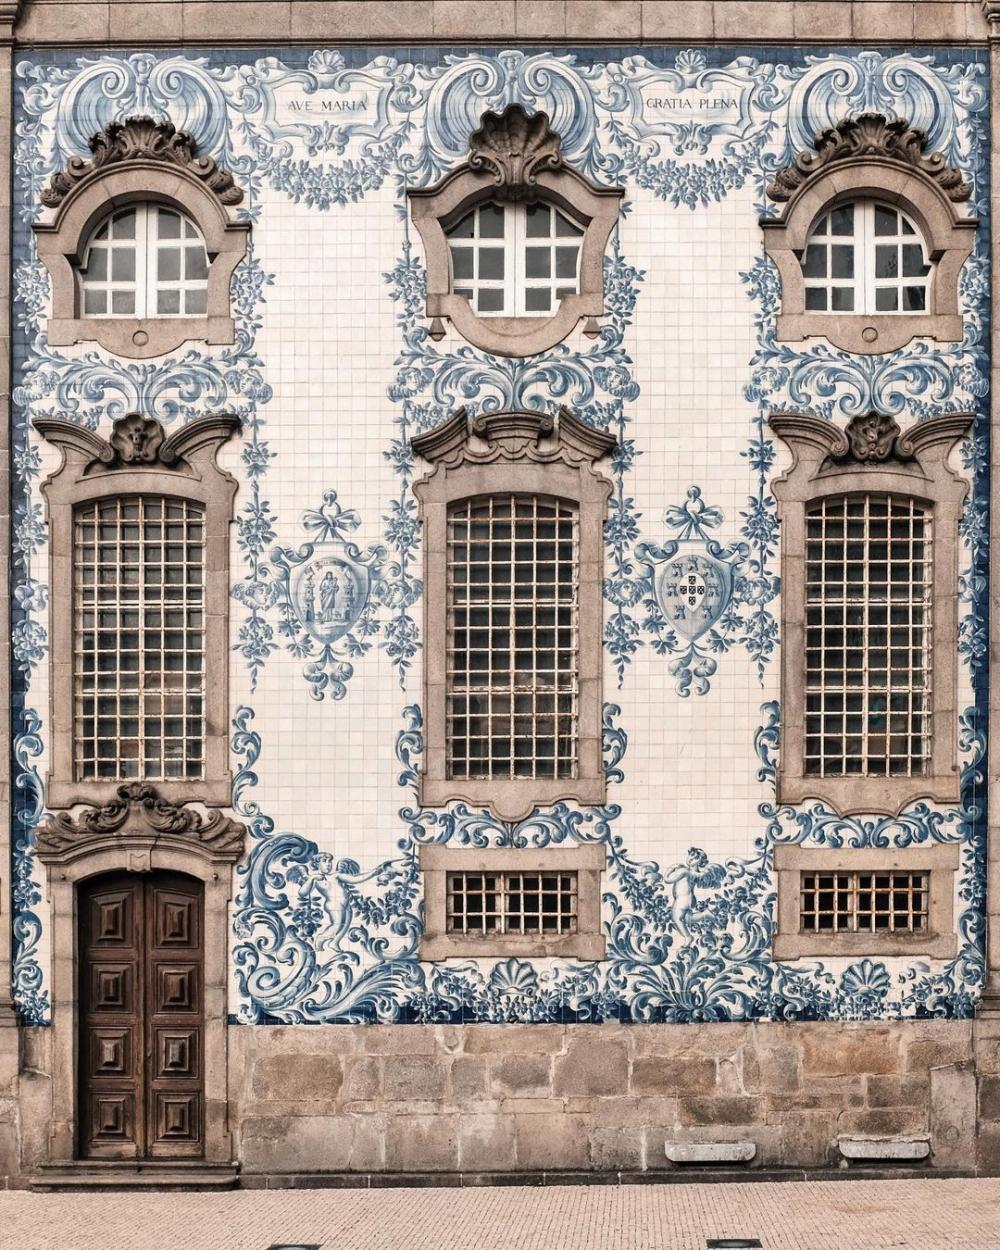 感受從容的漫步在歐洲街頭,欣賞城市的藝術門